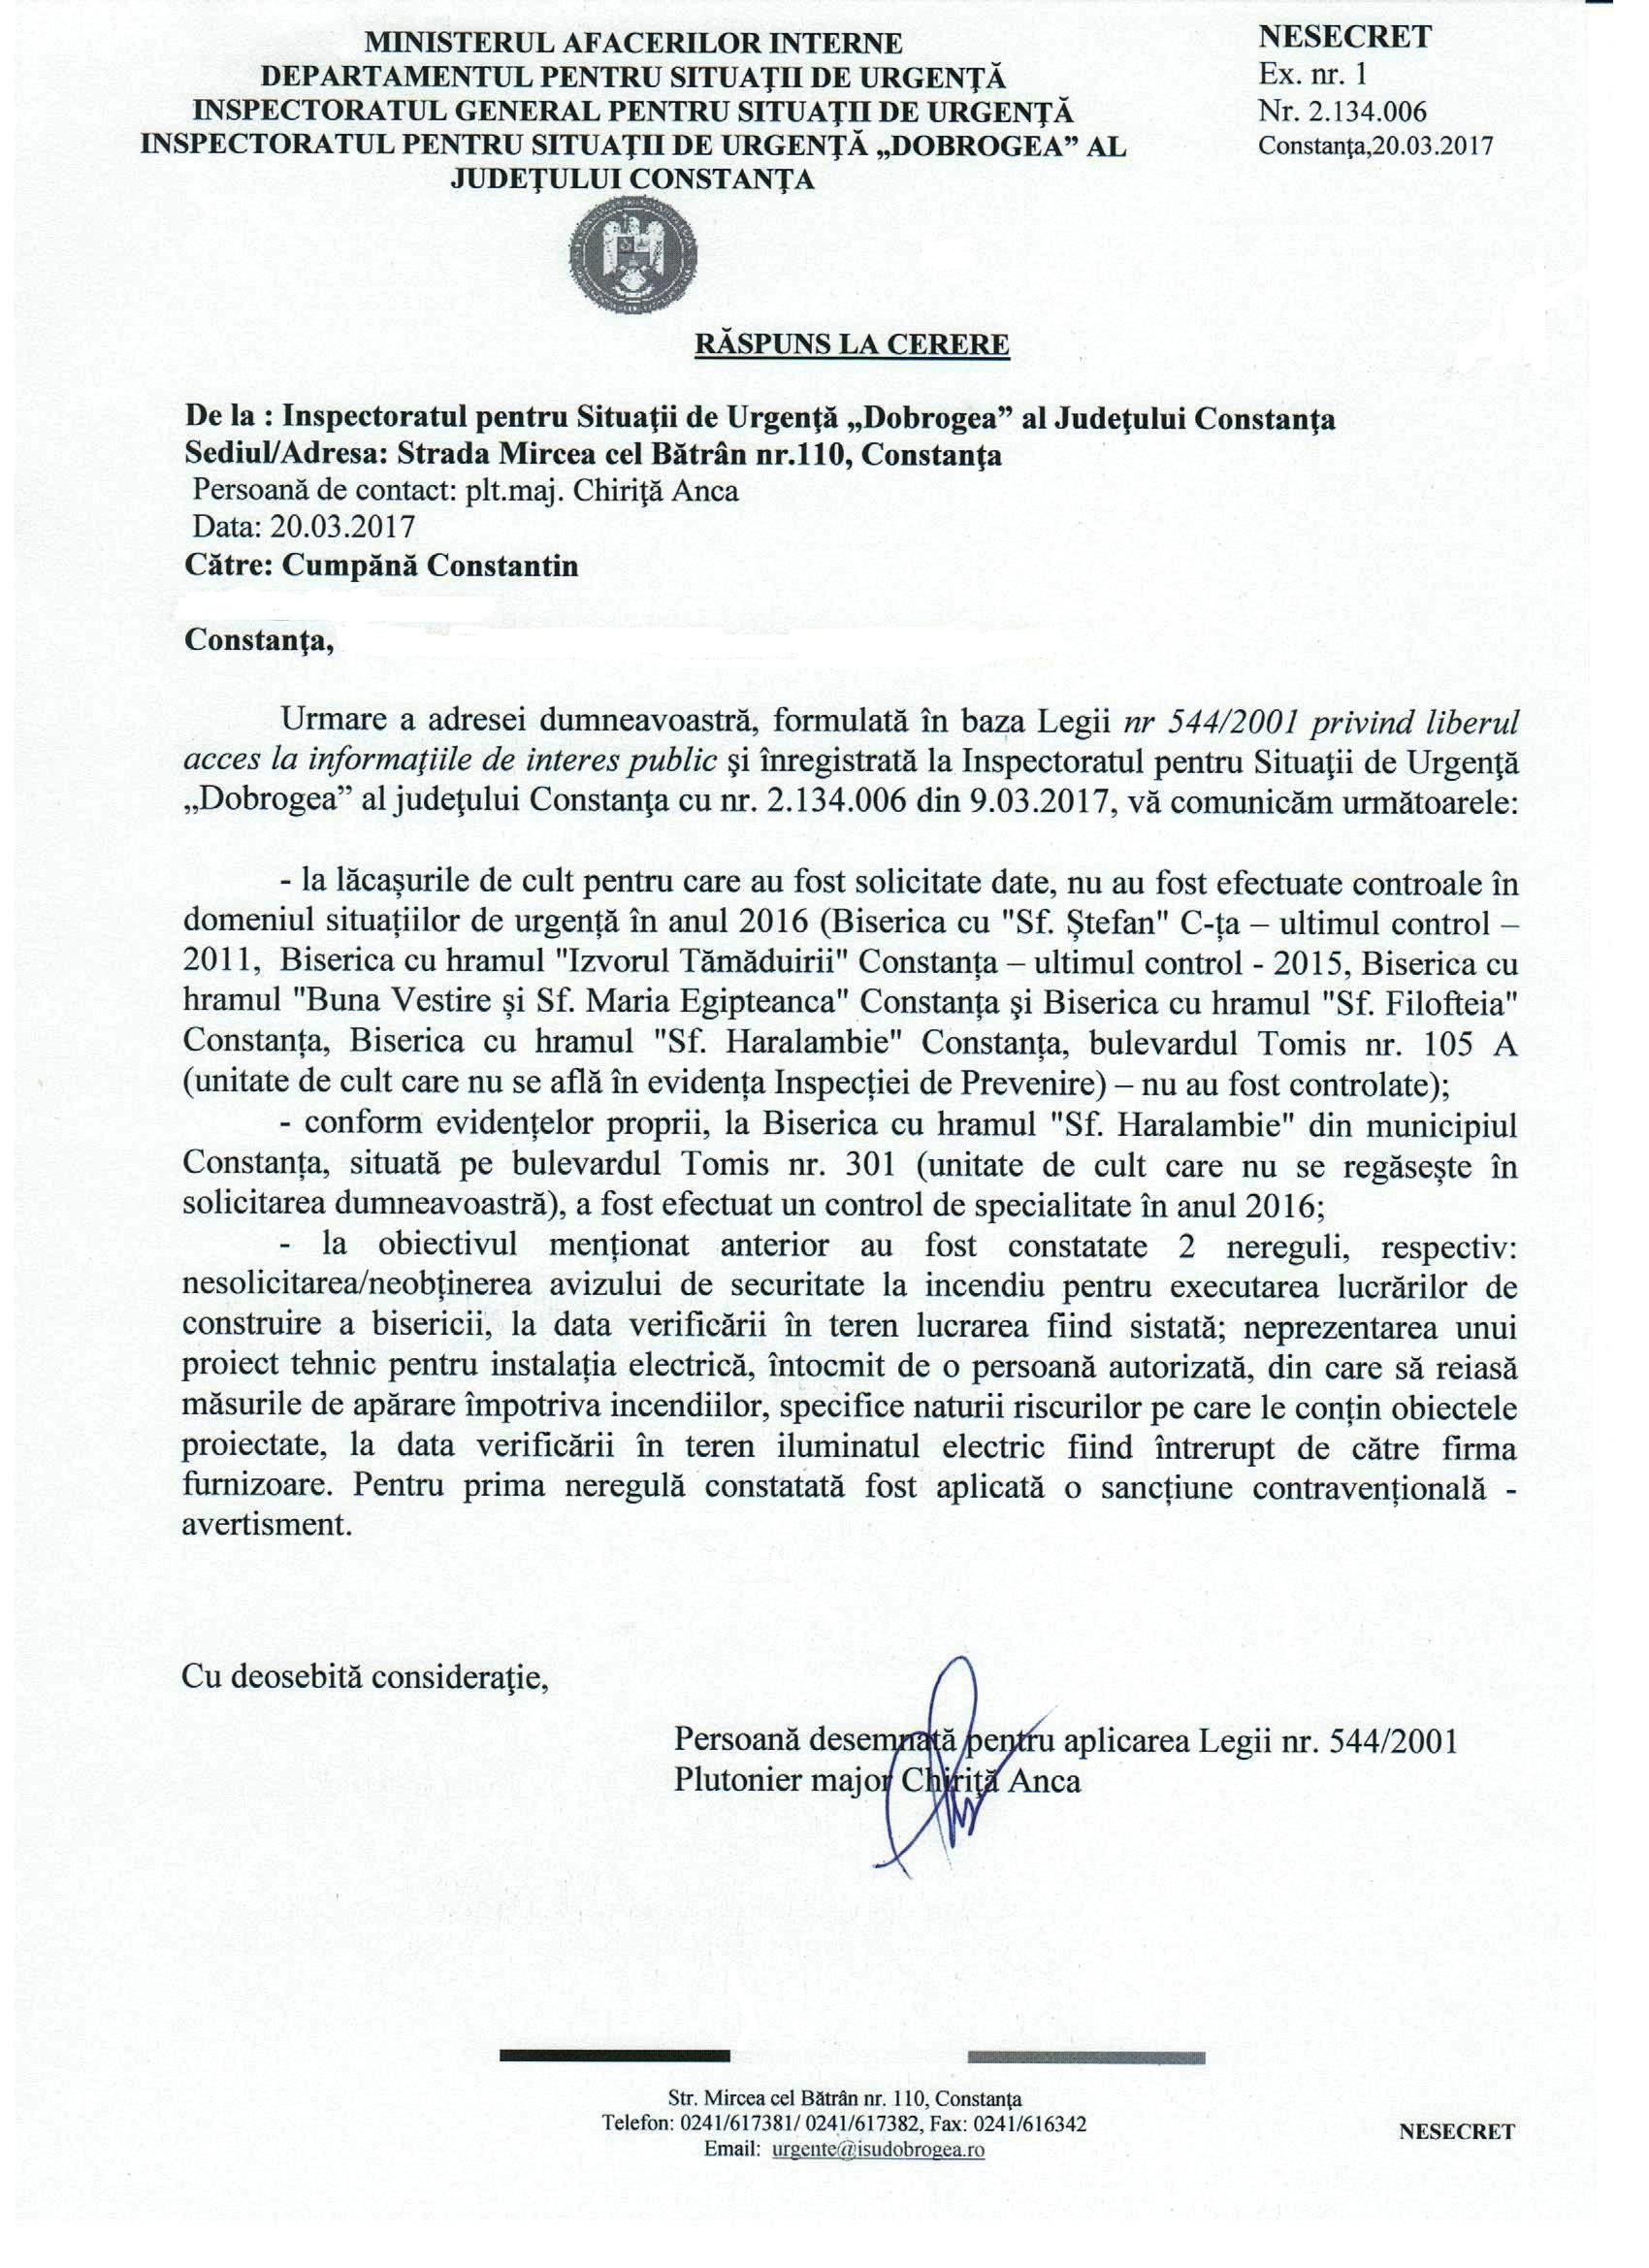 Răspunsul primit de la Inspectoratul pentru Sitauții de Urgență DOBROGEA, referitor la starea unor biserici de pe teritoriul municipiului Constanța.